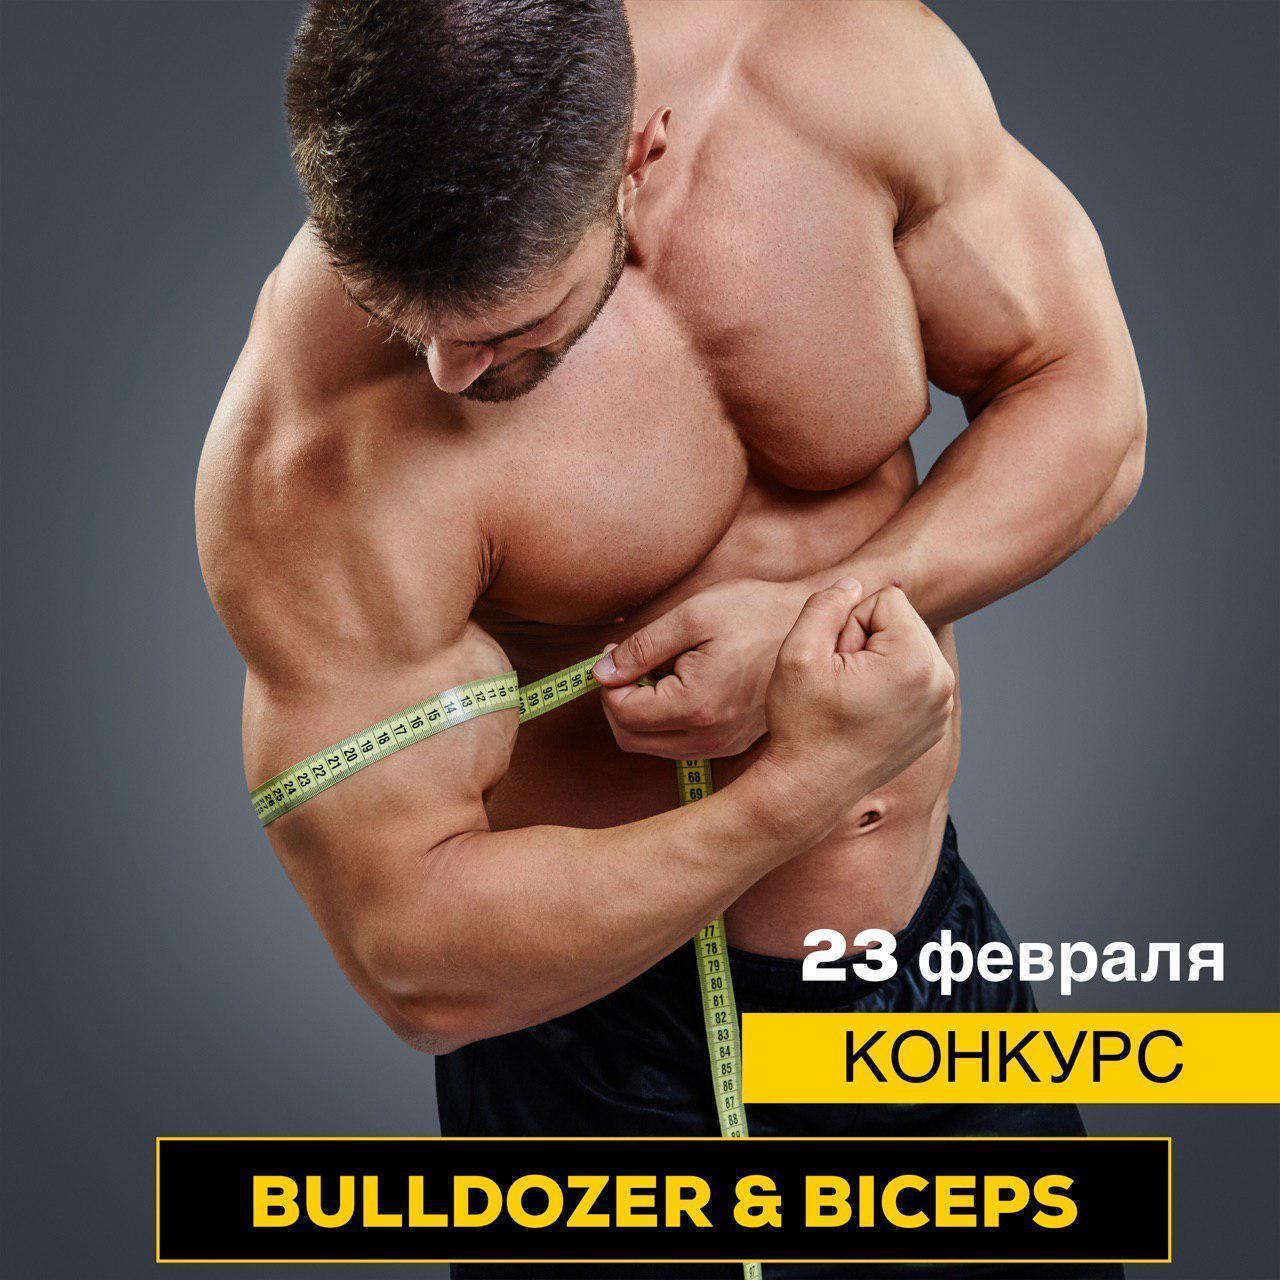 Конкурс февраля: BULLDOZER & BICEPS